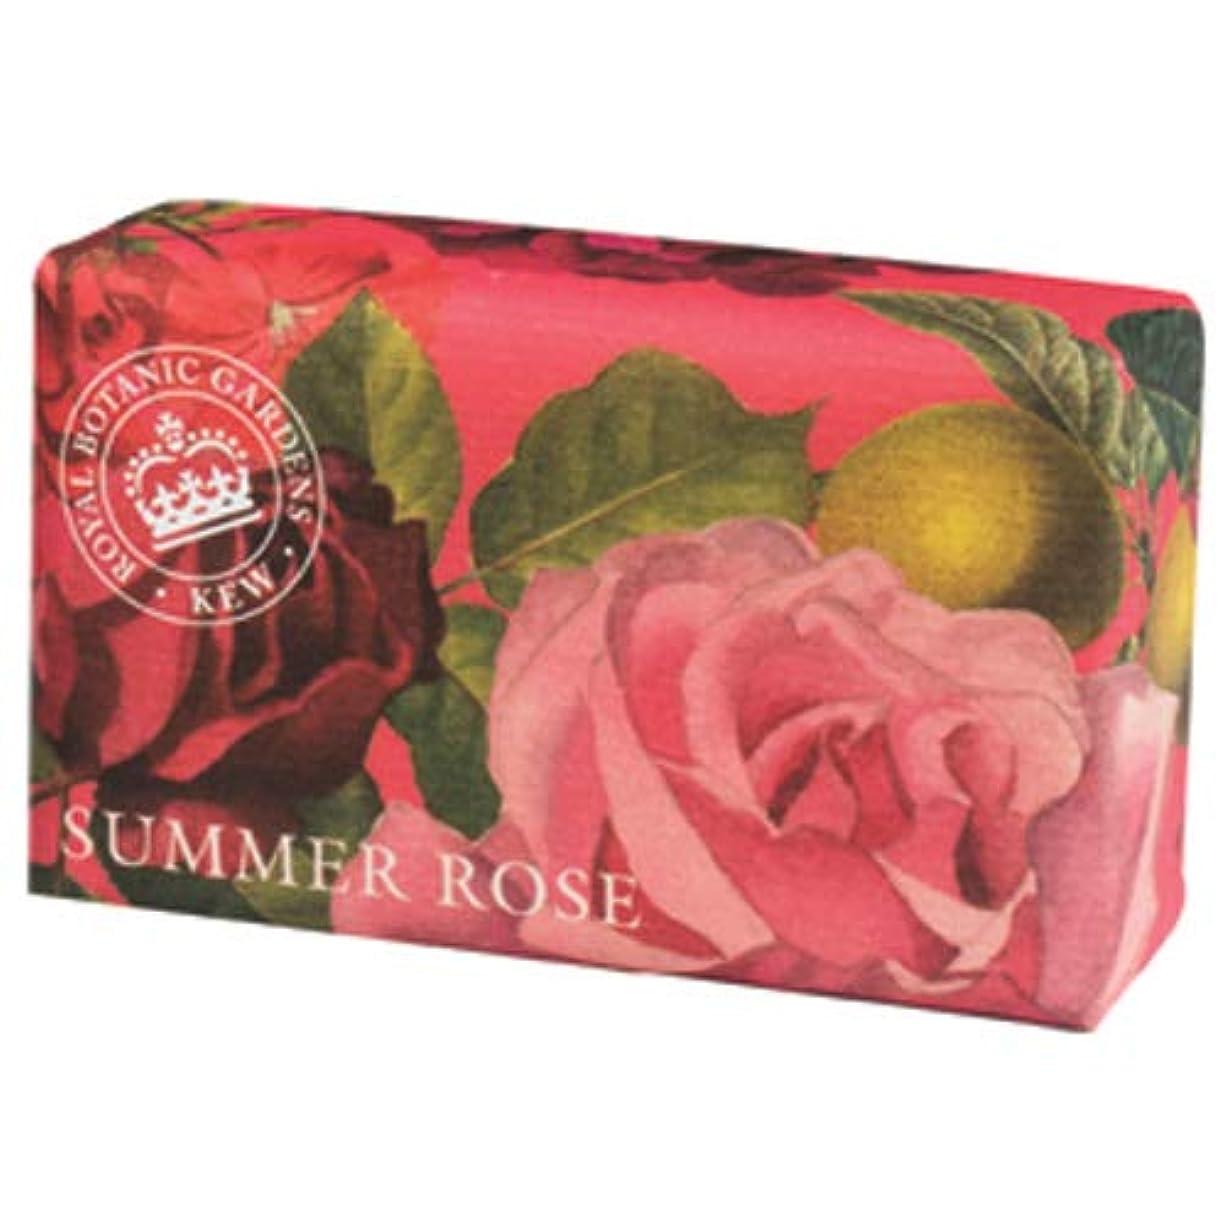 舌なストッキングページ三和トレーディング English Soap Company イングリッシュソープカンパニー KEW GARDEN キュー?ガーデン Luxury Shea Soaps シアソープ Summer Rose サマーローズ